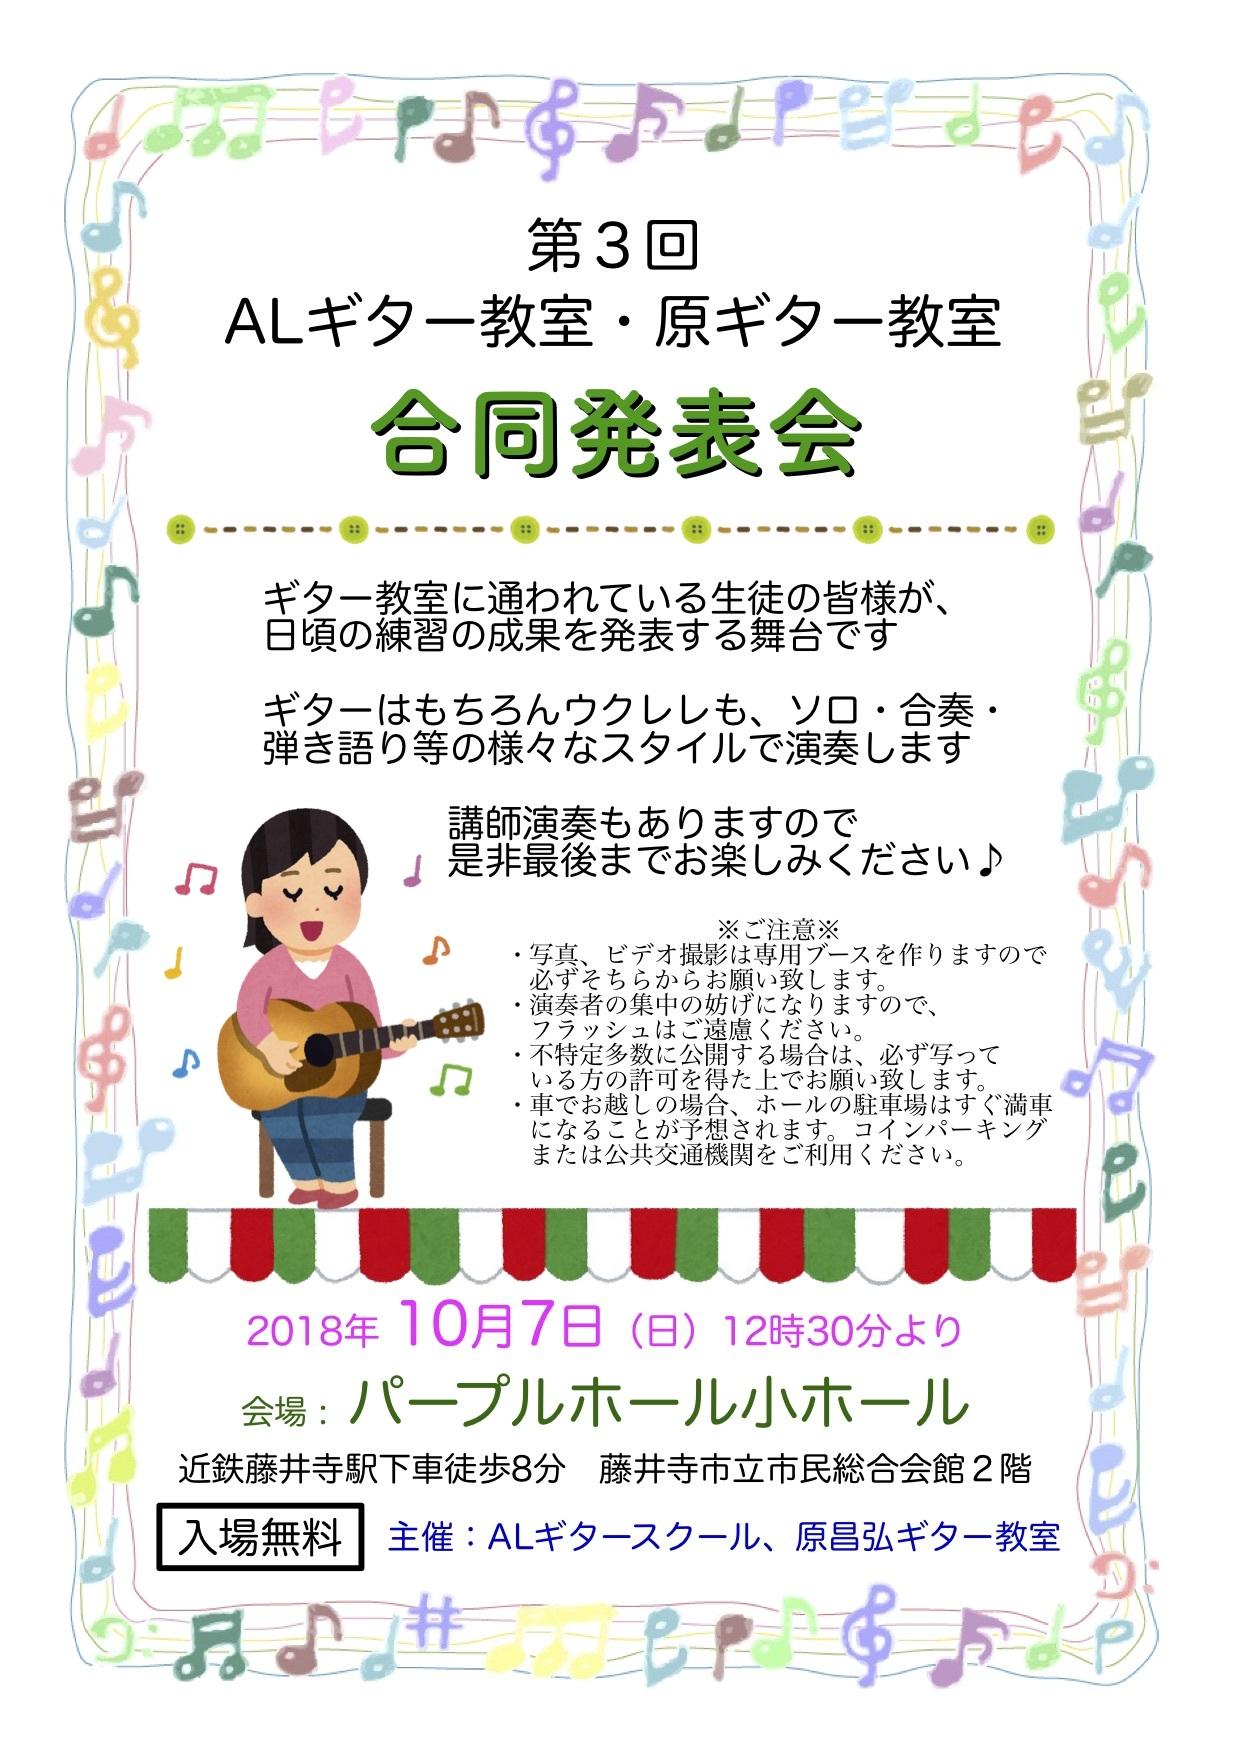 発表会ポスター2018